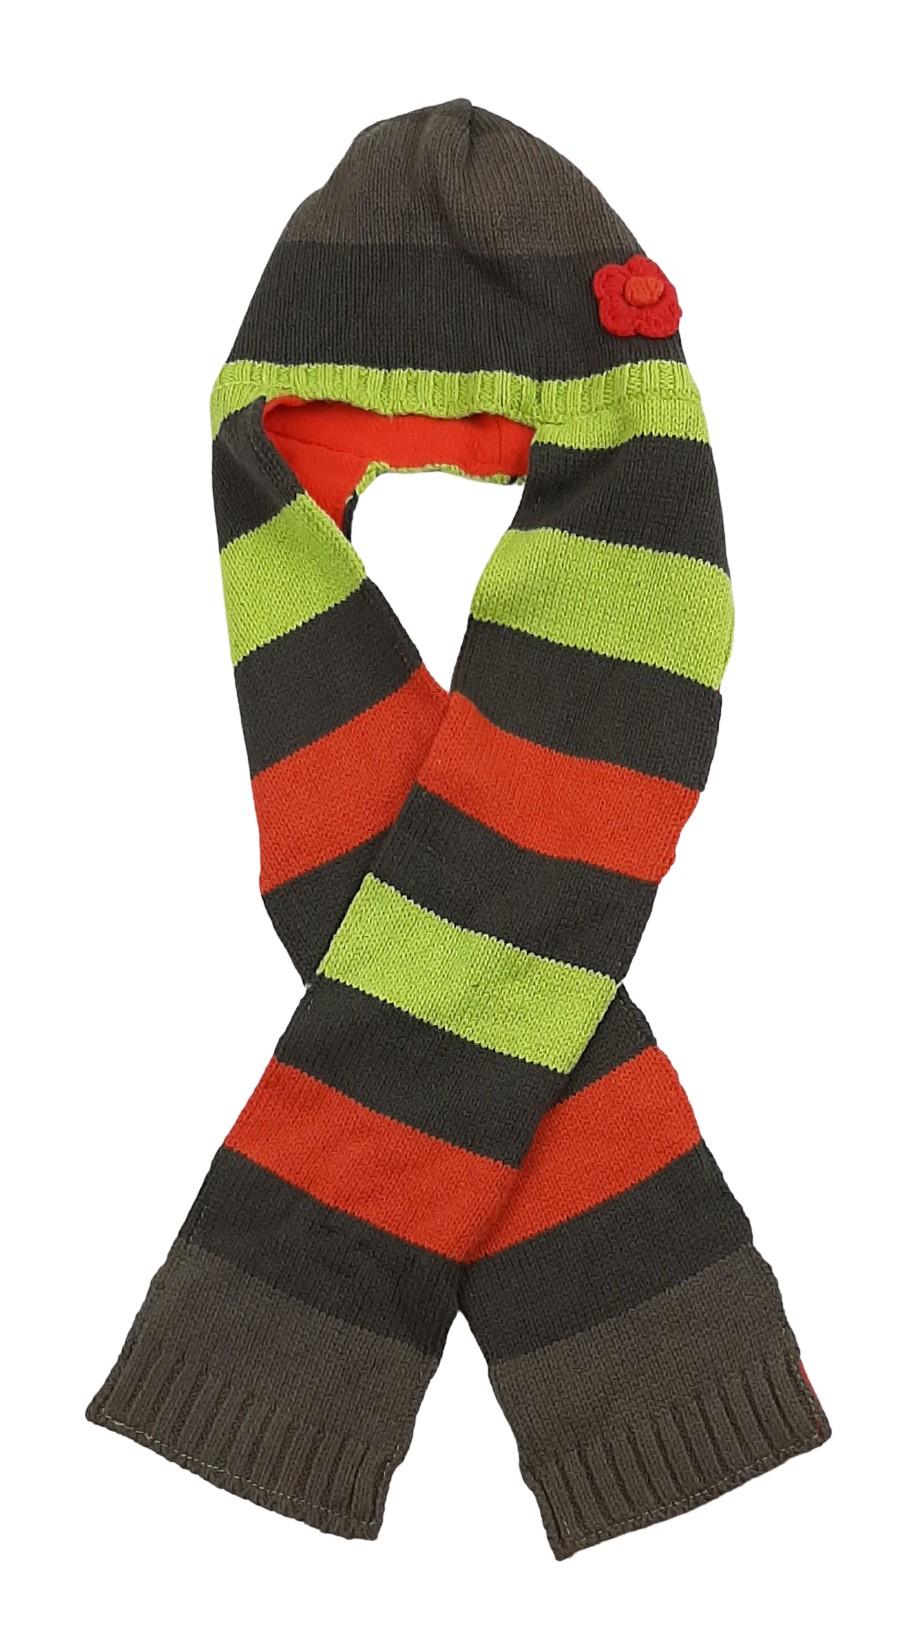 Bonnet/tuque avec écharpe intégrée taille 41 cm 1